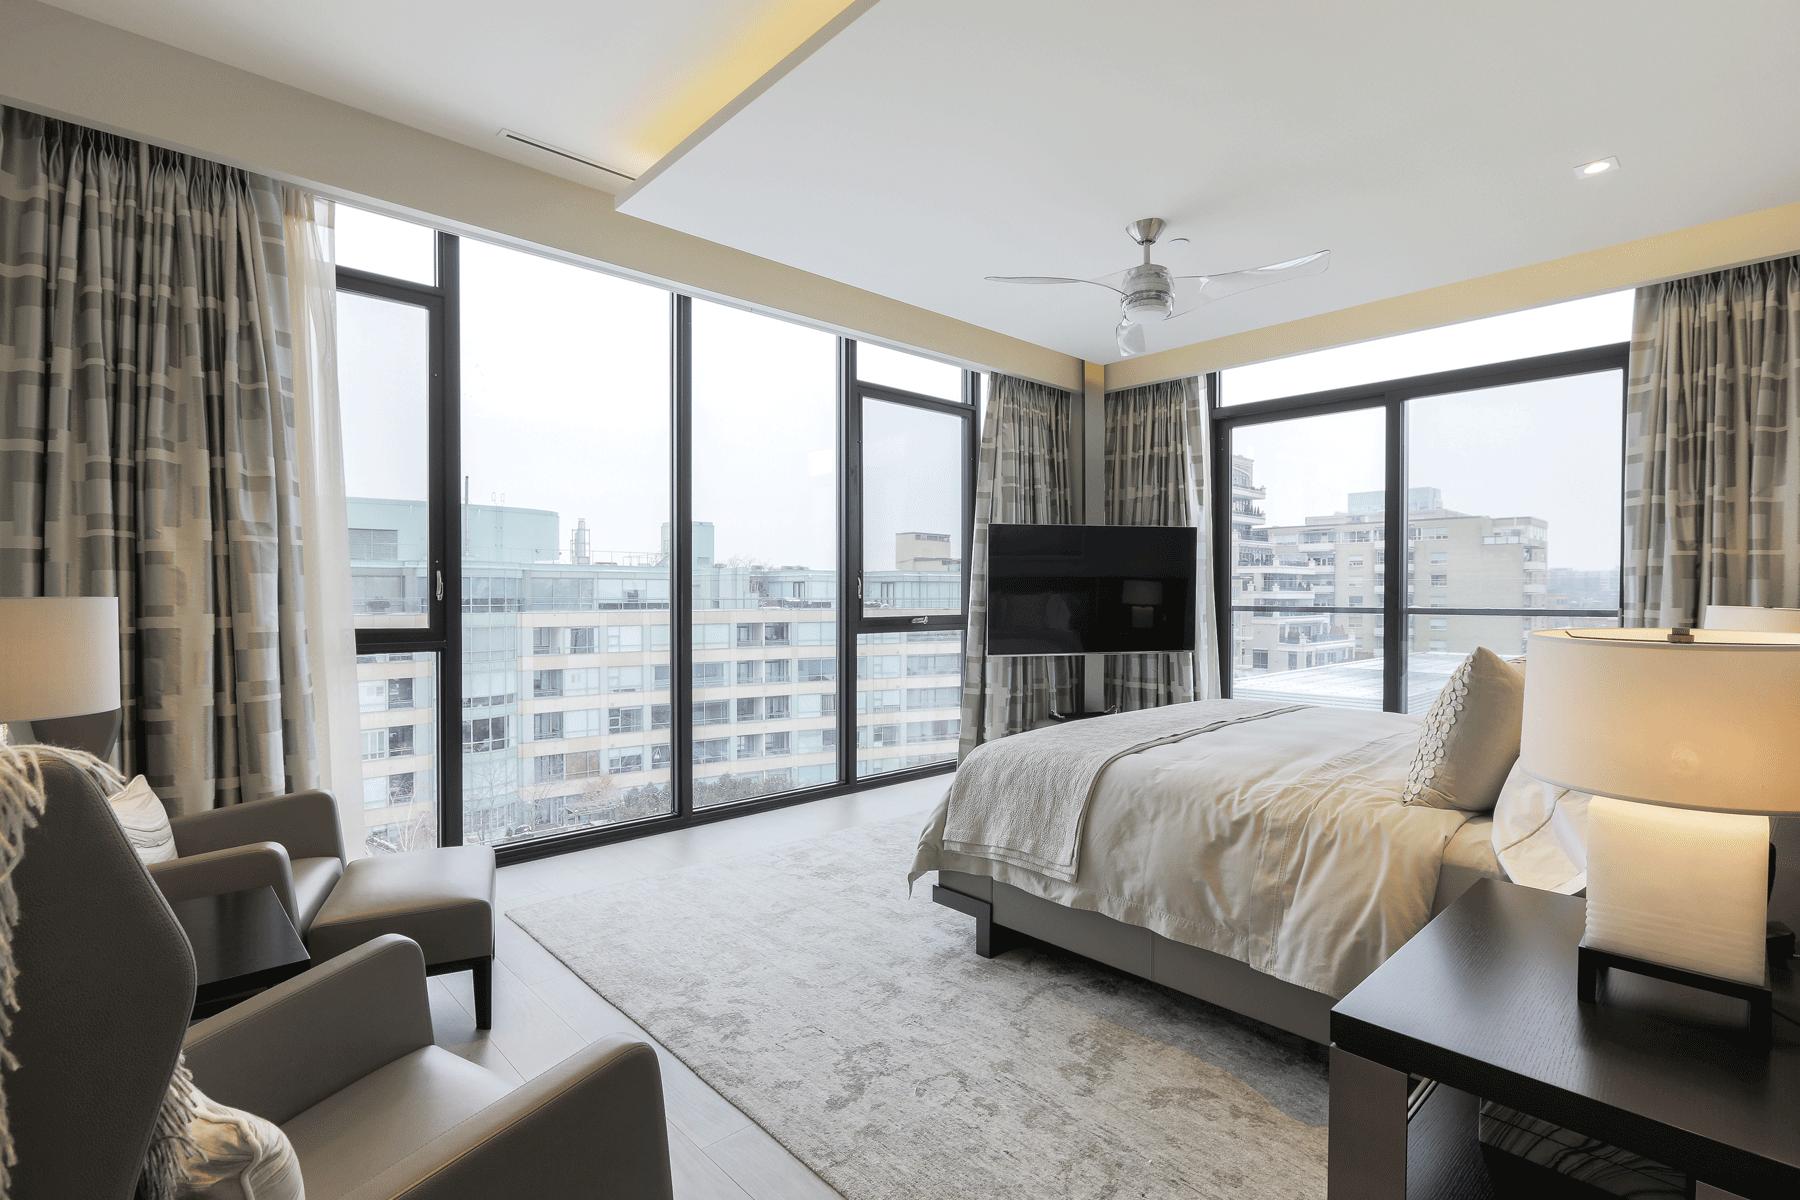 sharon-gilkey-city-bedroom.png